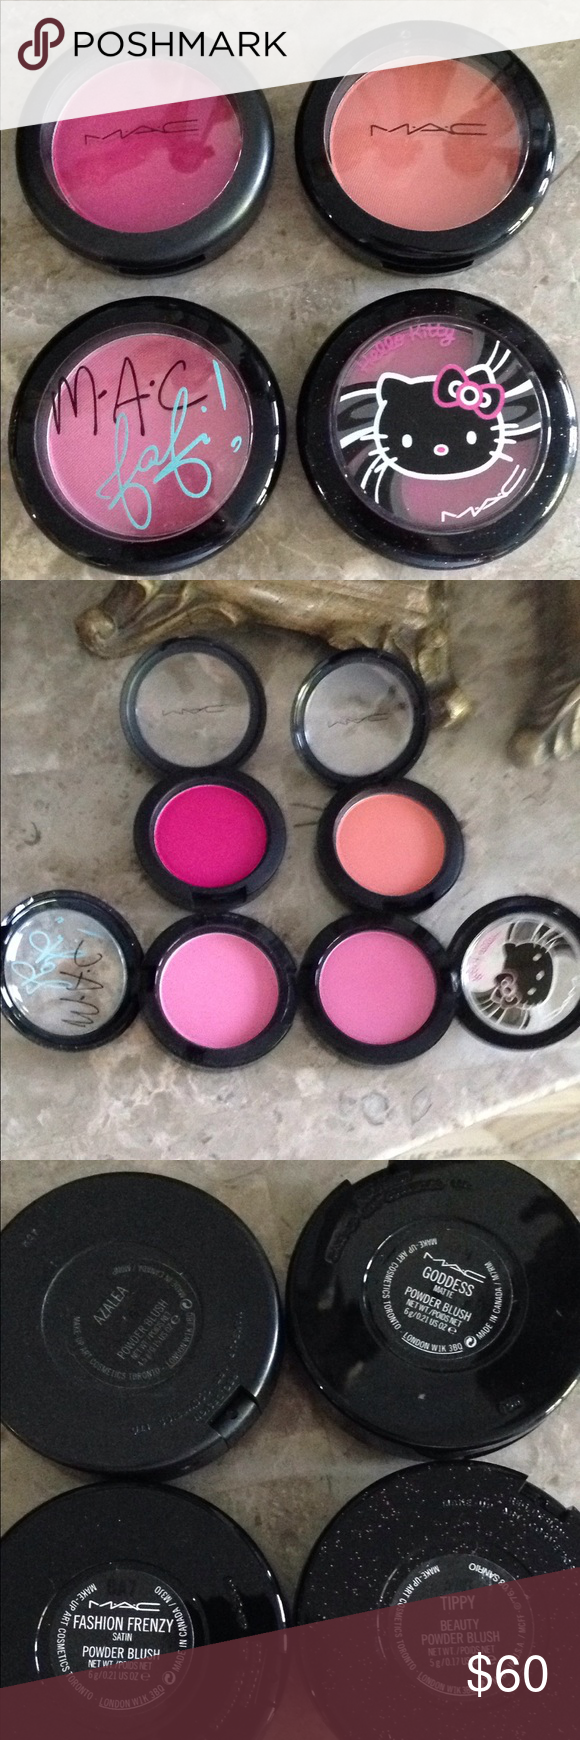 3 Mac limited edition blush NWT Mac cosmetics, Blush